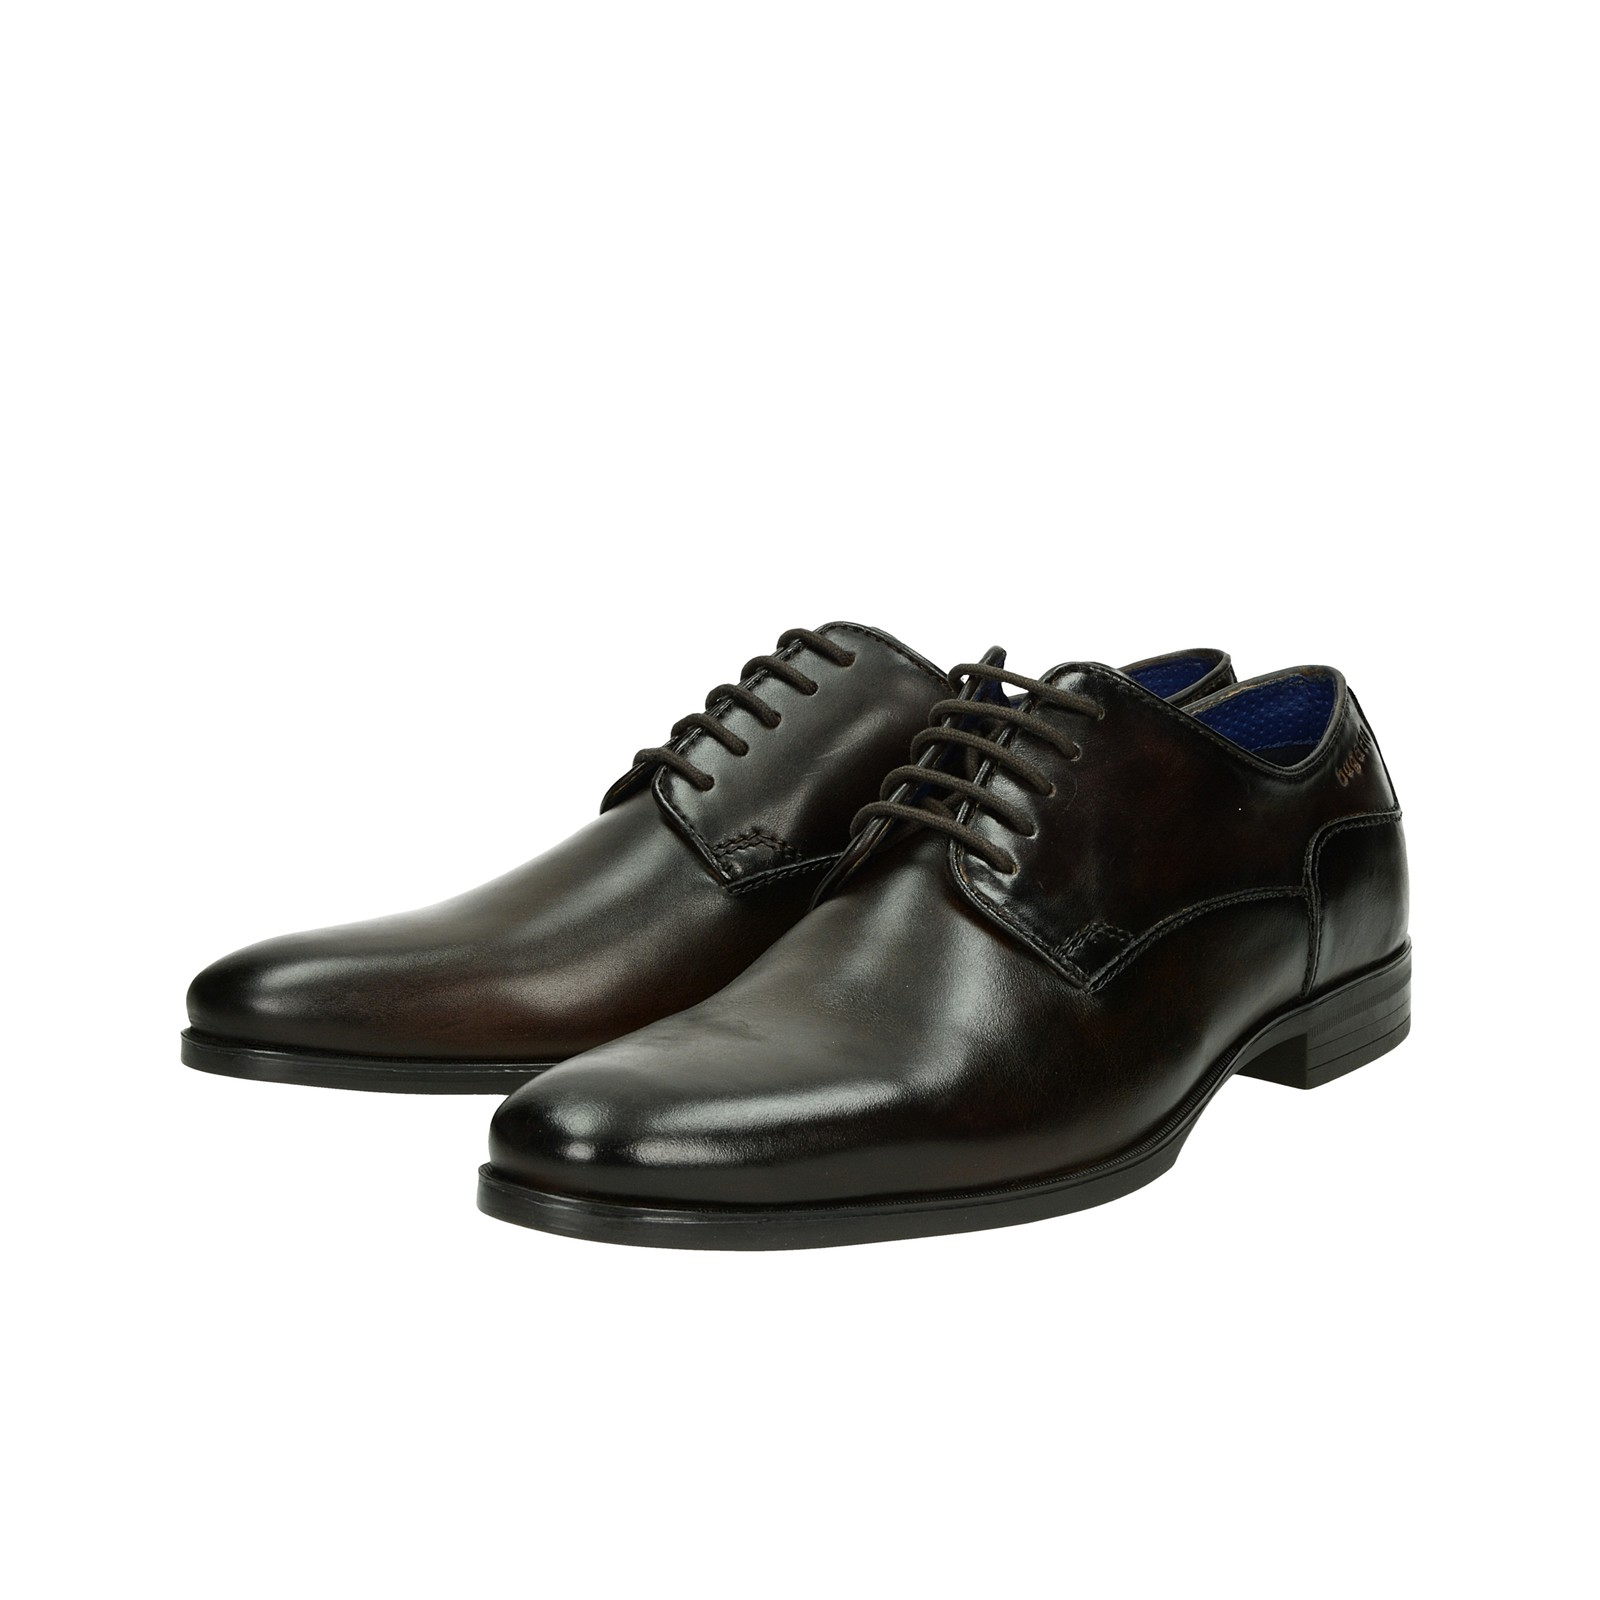 88fe0dfc2833 Bugatti pánske spoločenské kožené topánky - tmavohnedé ...